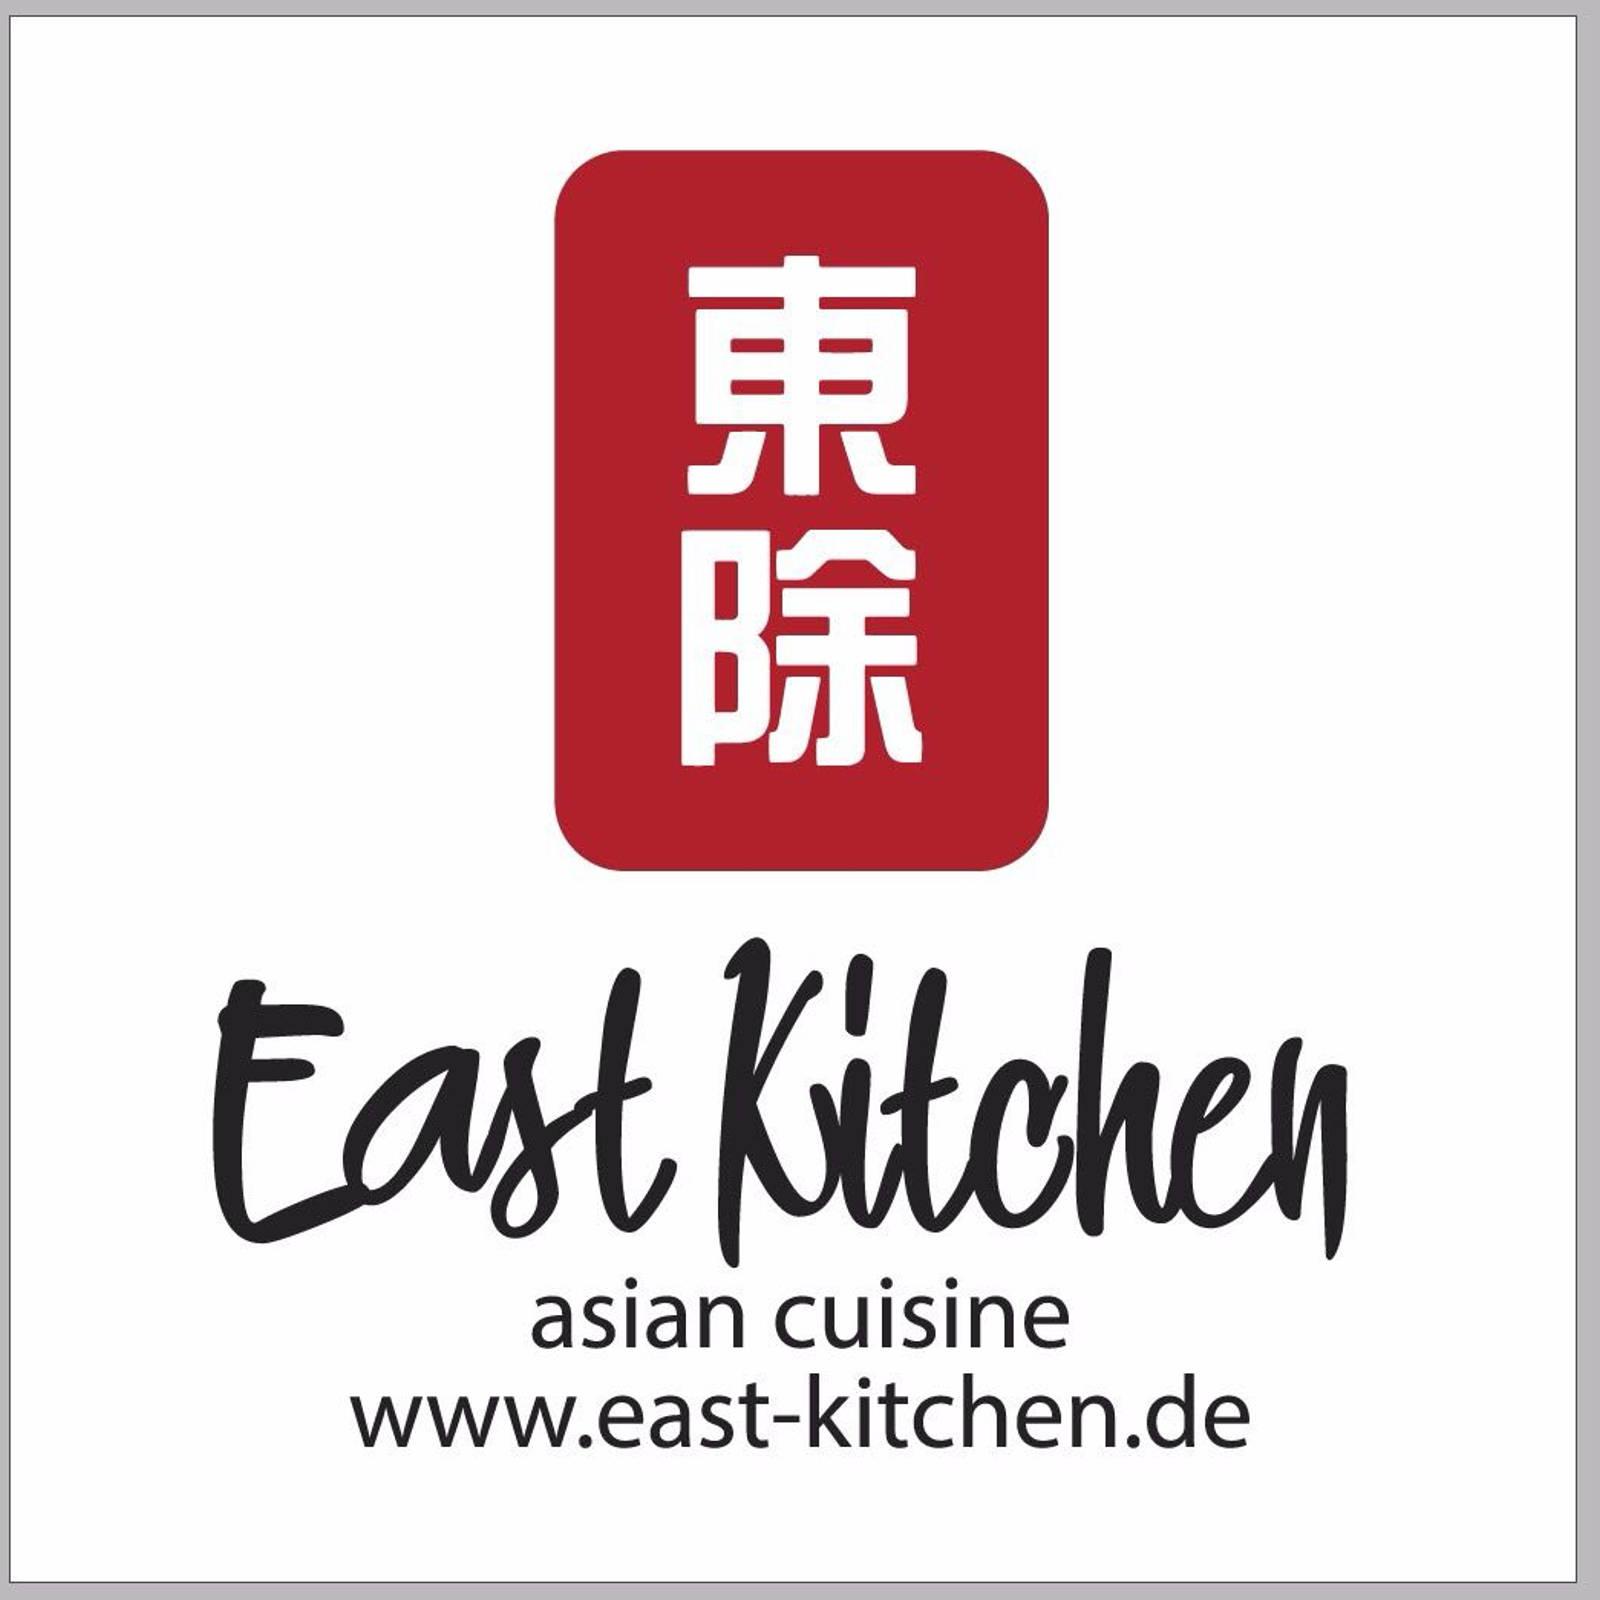 Das East Kitchen steht für moderne frische Küche auf Asien. Chinesische, japanische aber auch thailändische und indische Gerichte werden hier angeboten.